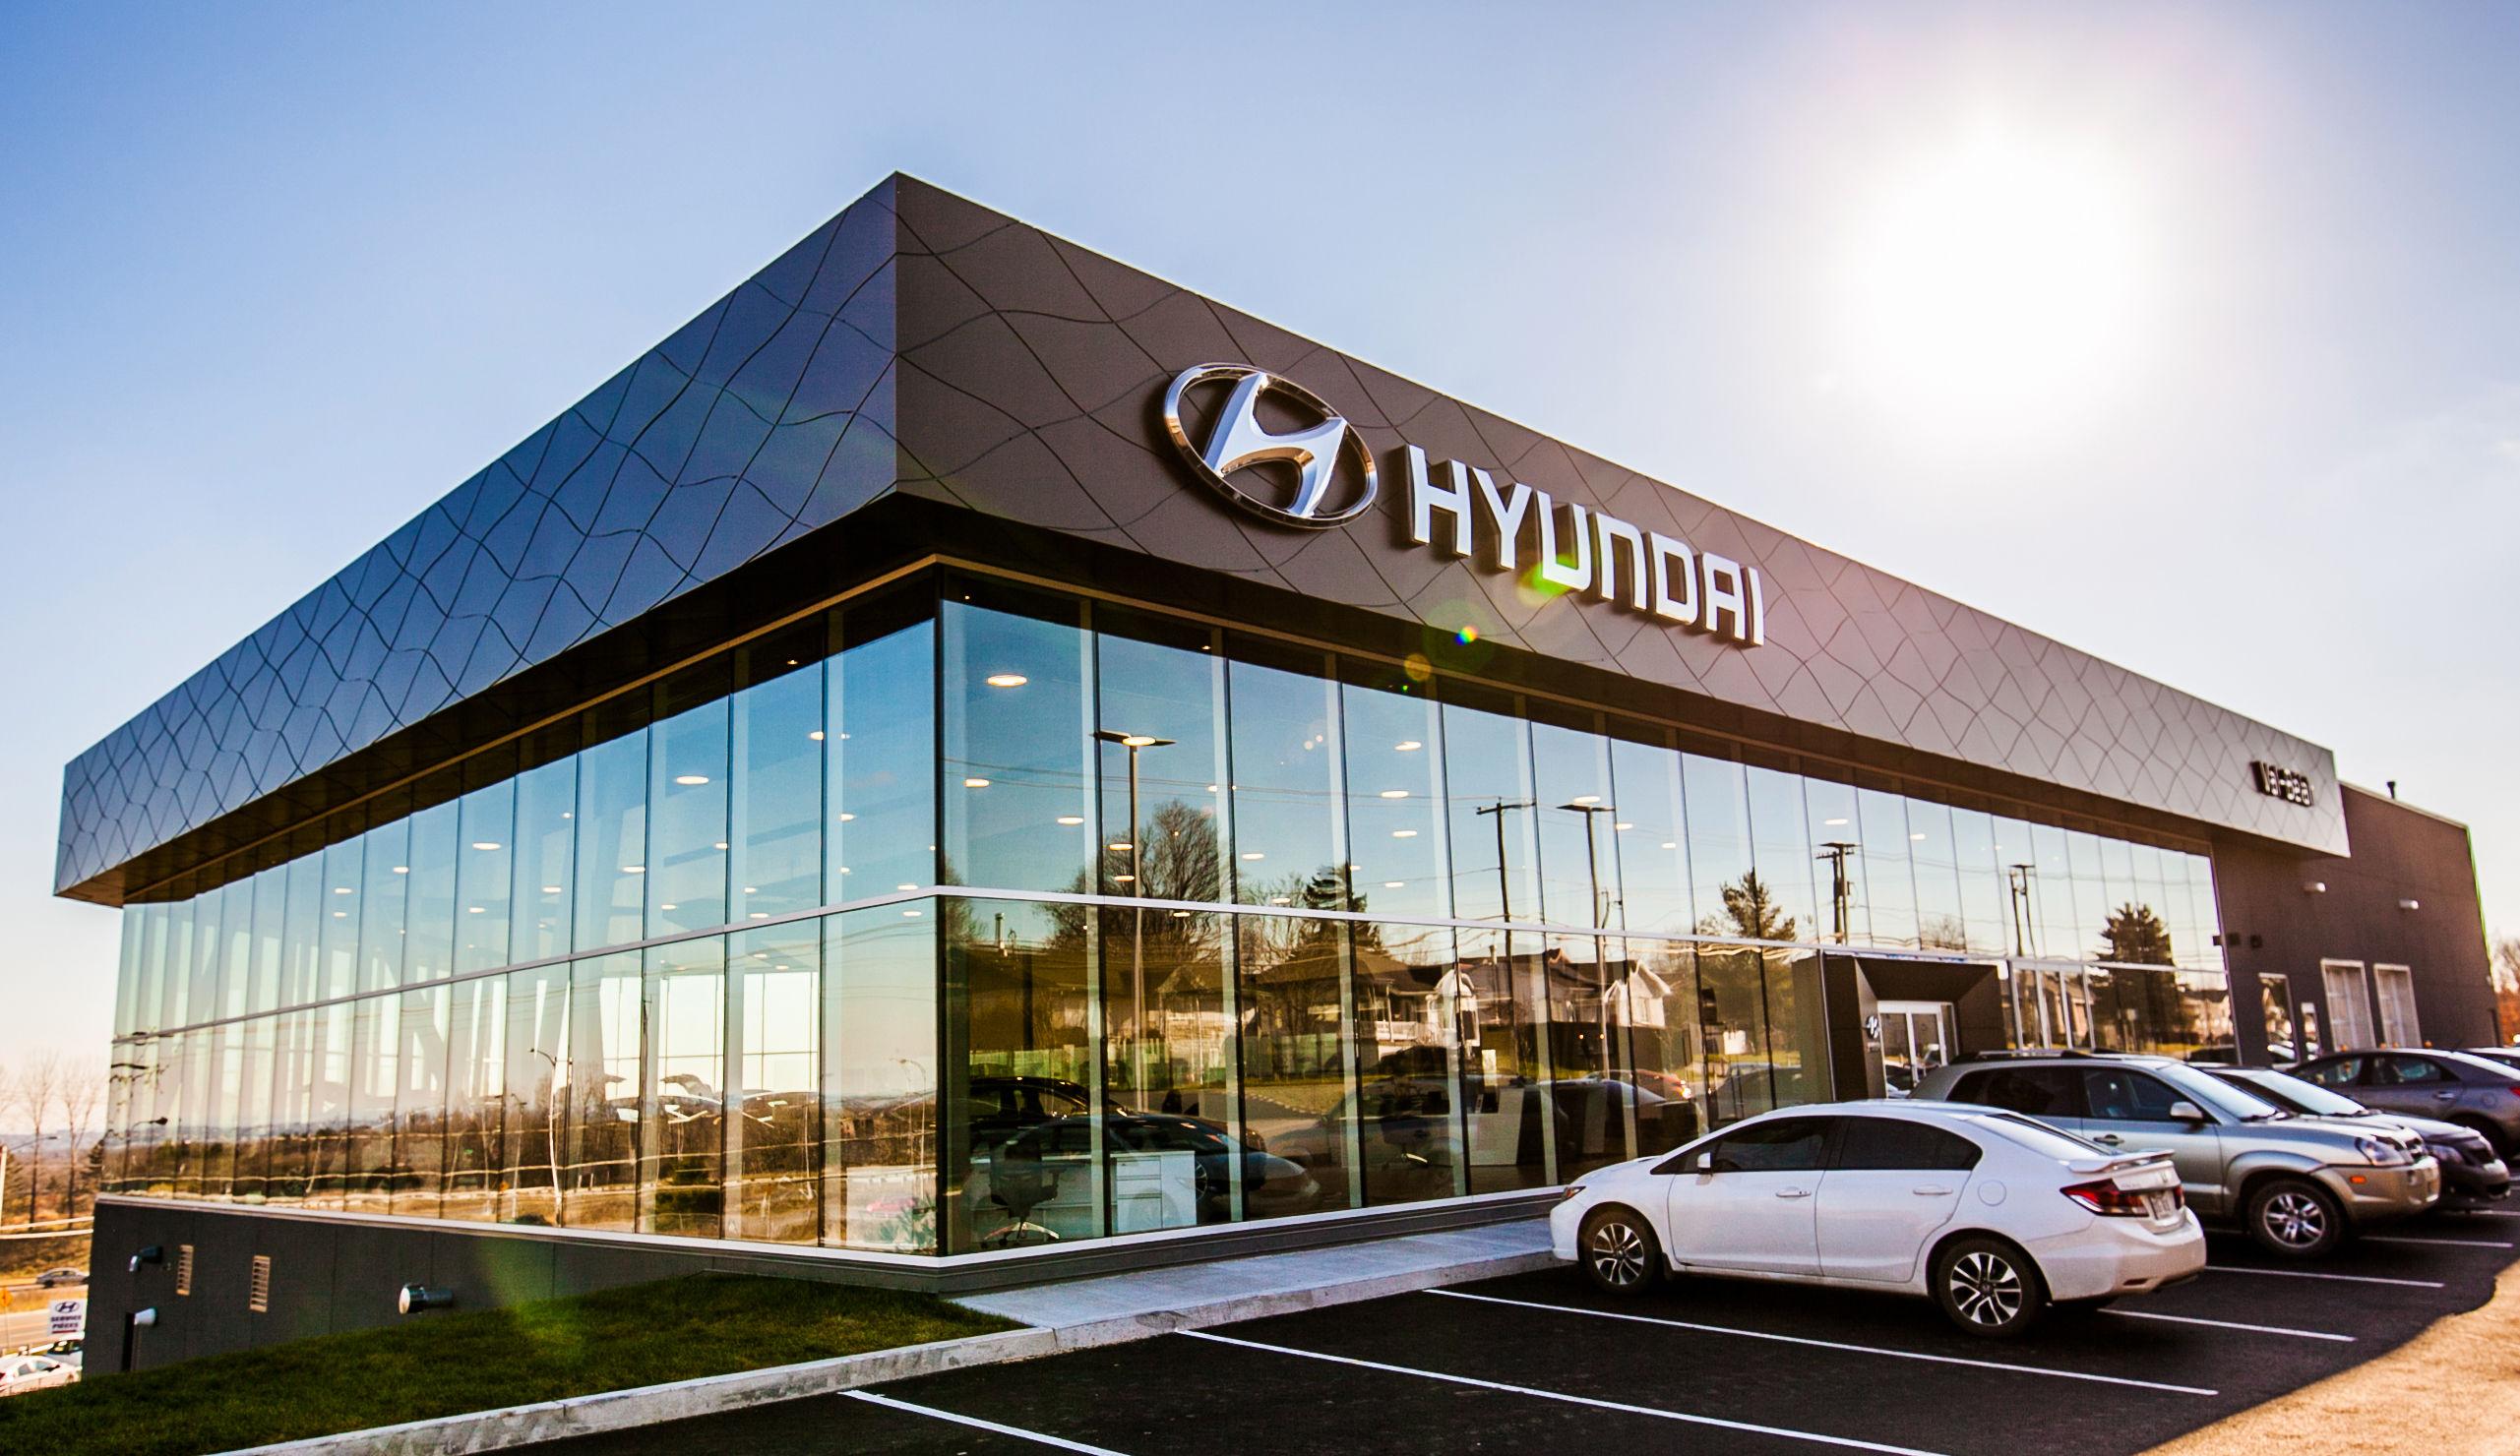 Hyundai dealership in Quebec